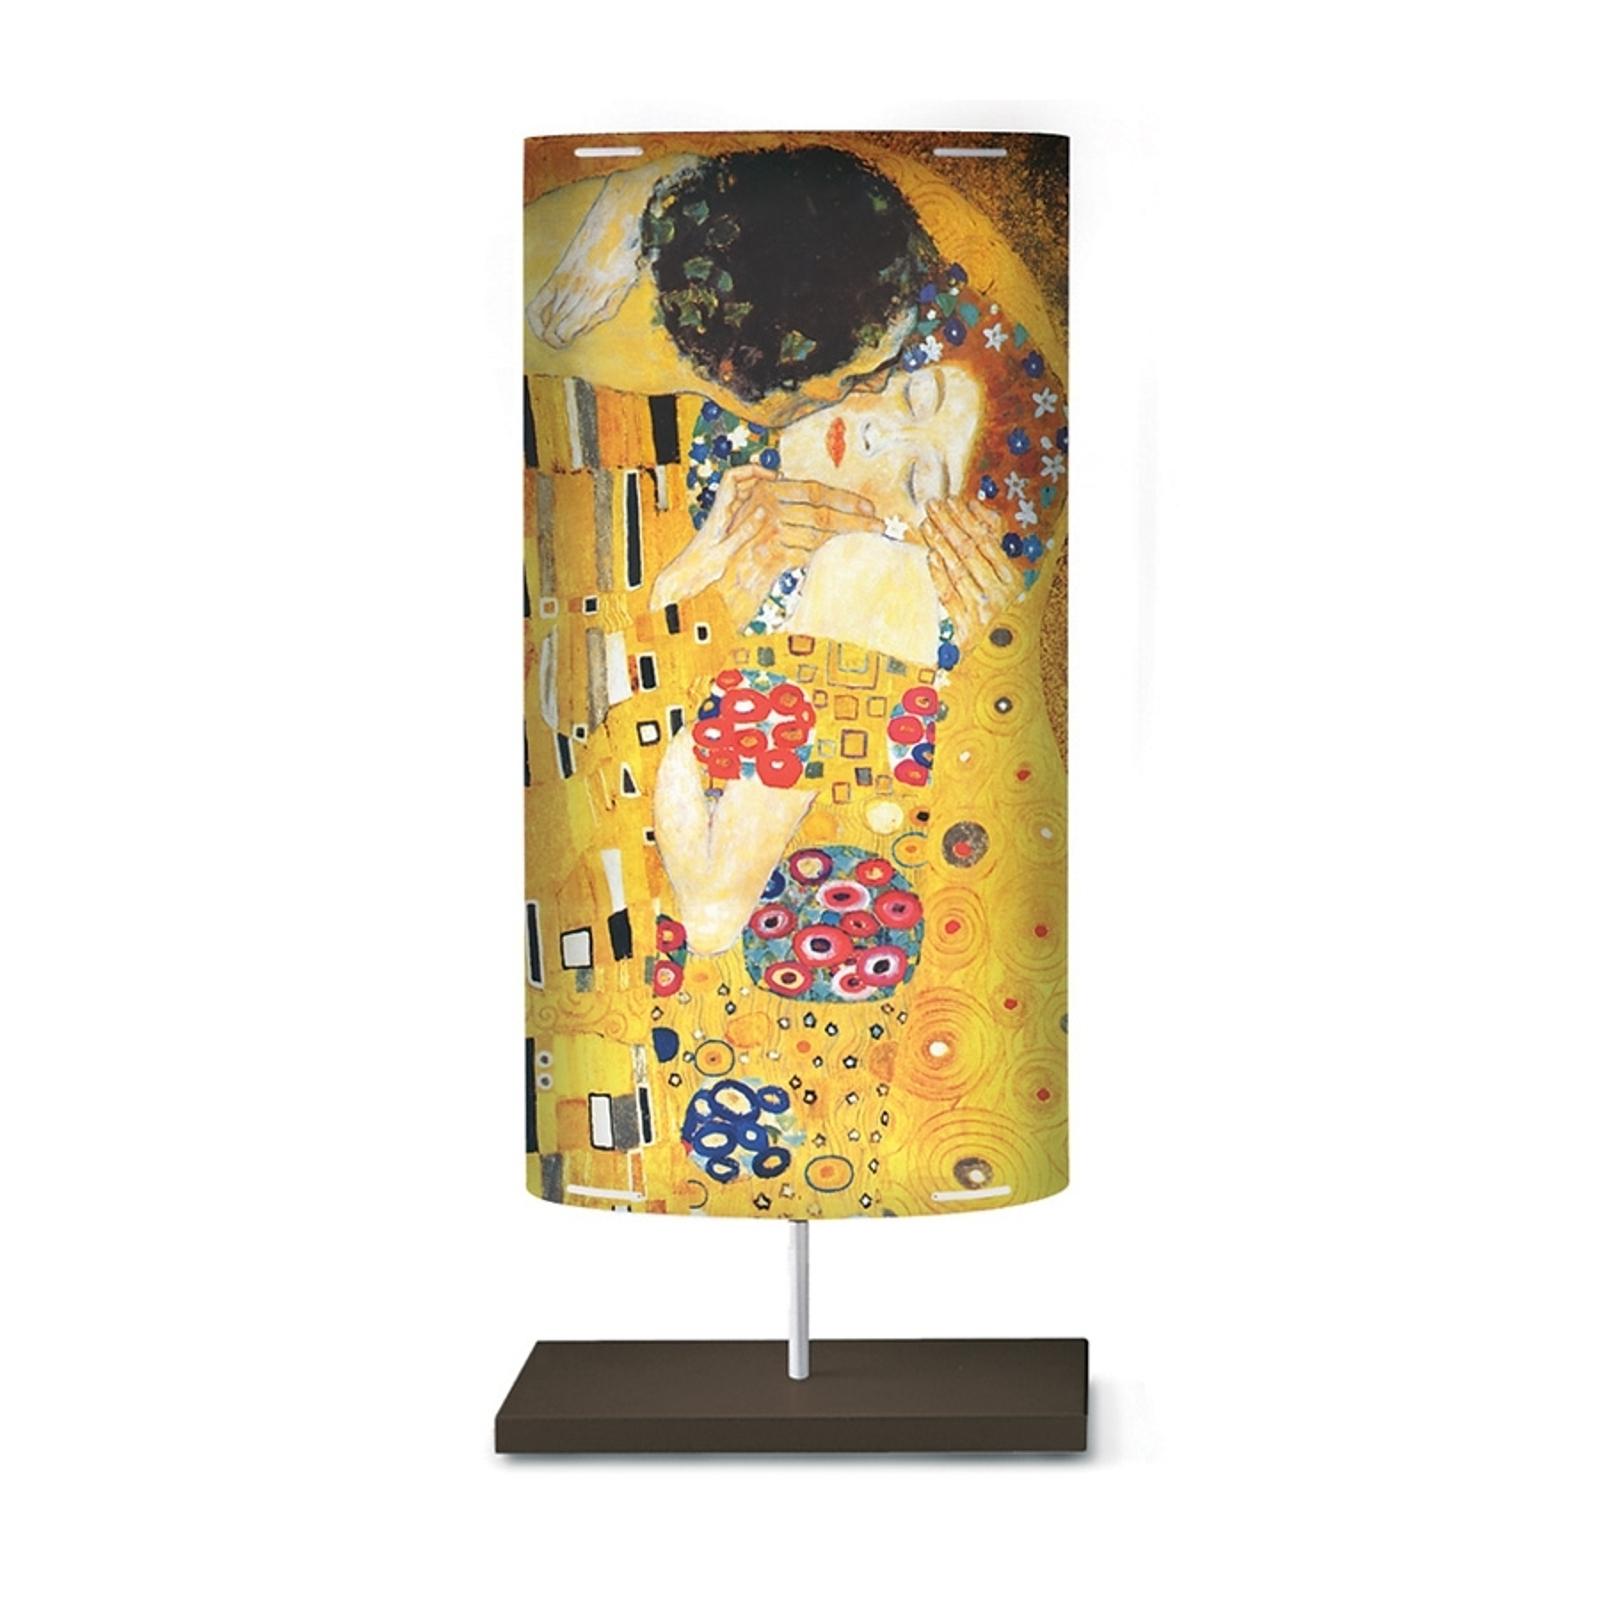 Art motif on the floor lamp Klimt III_1056047_1